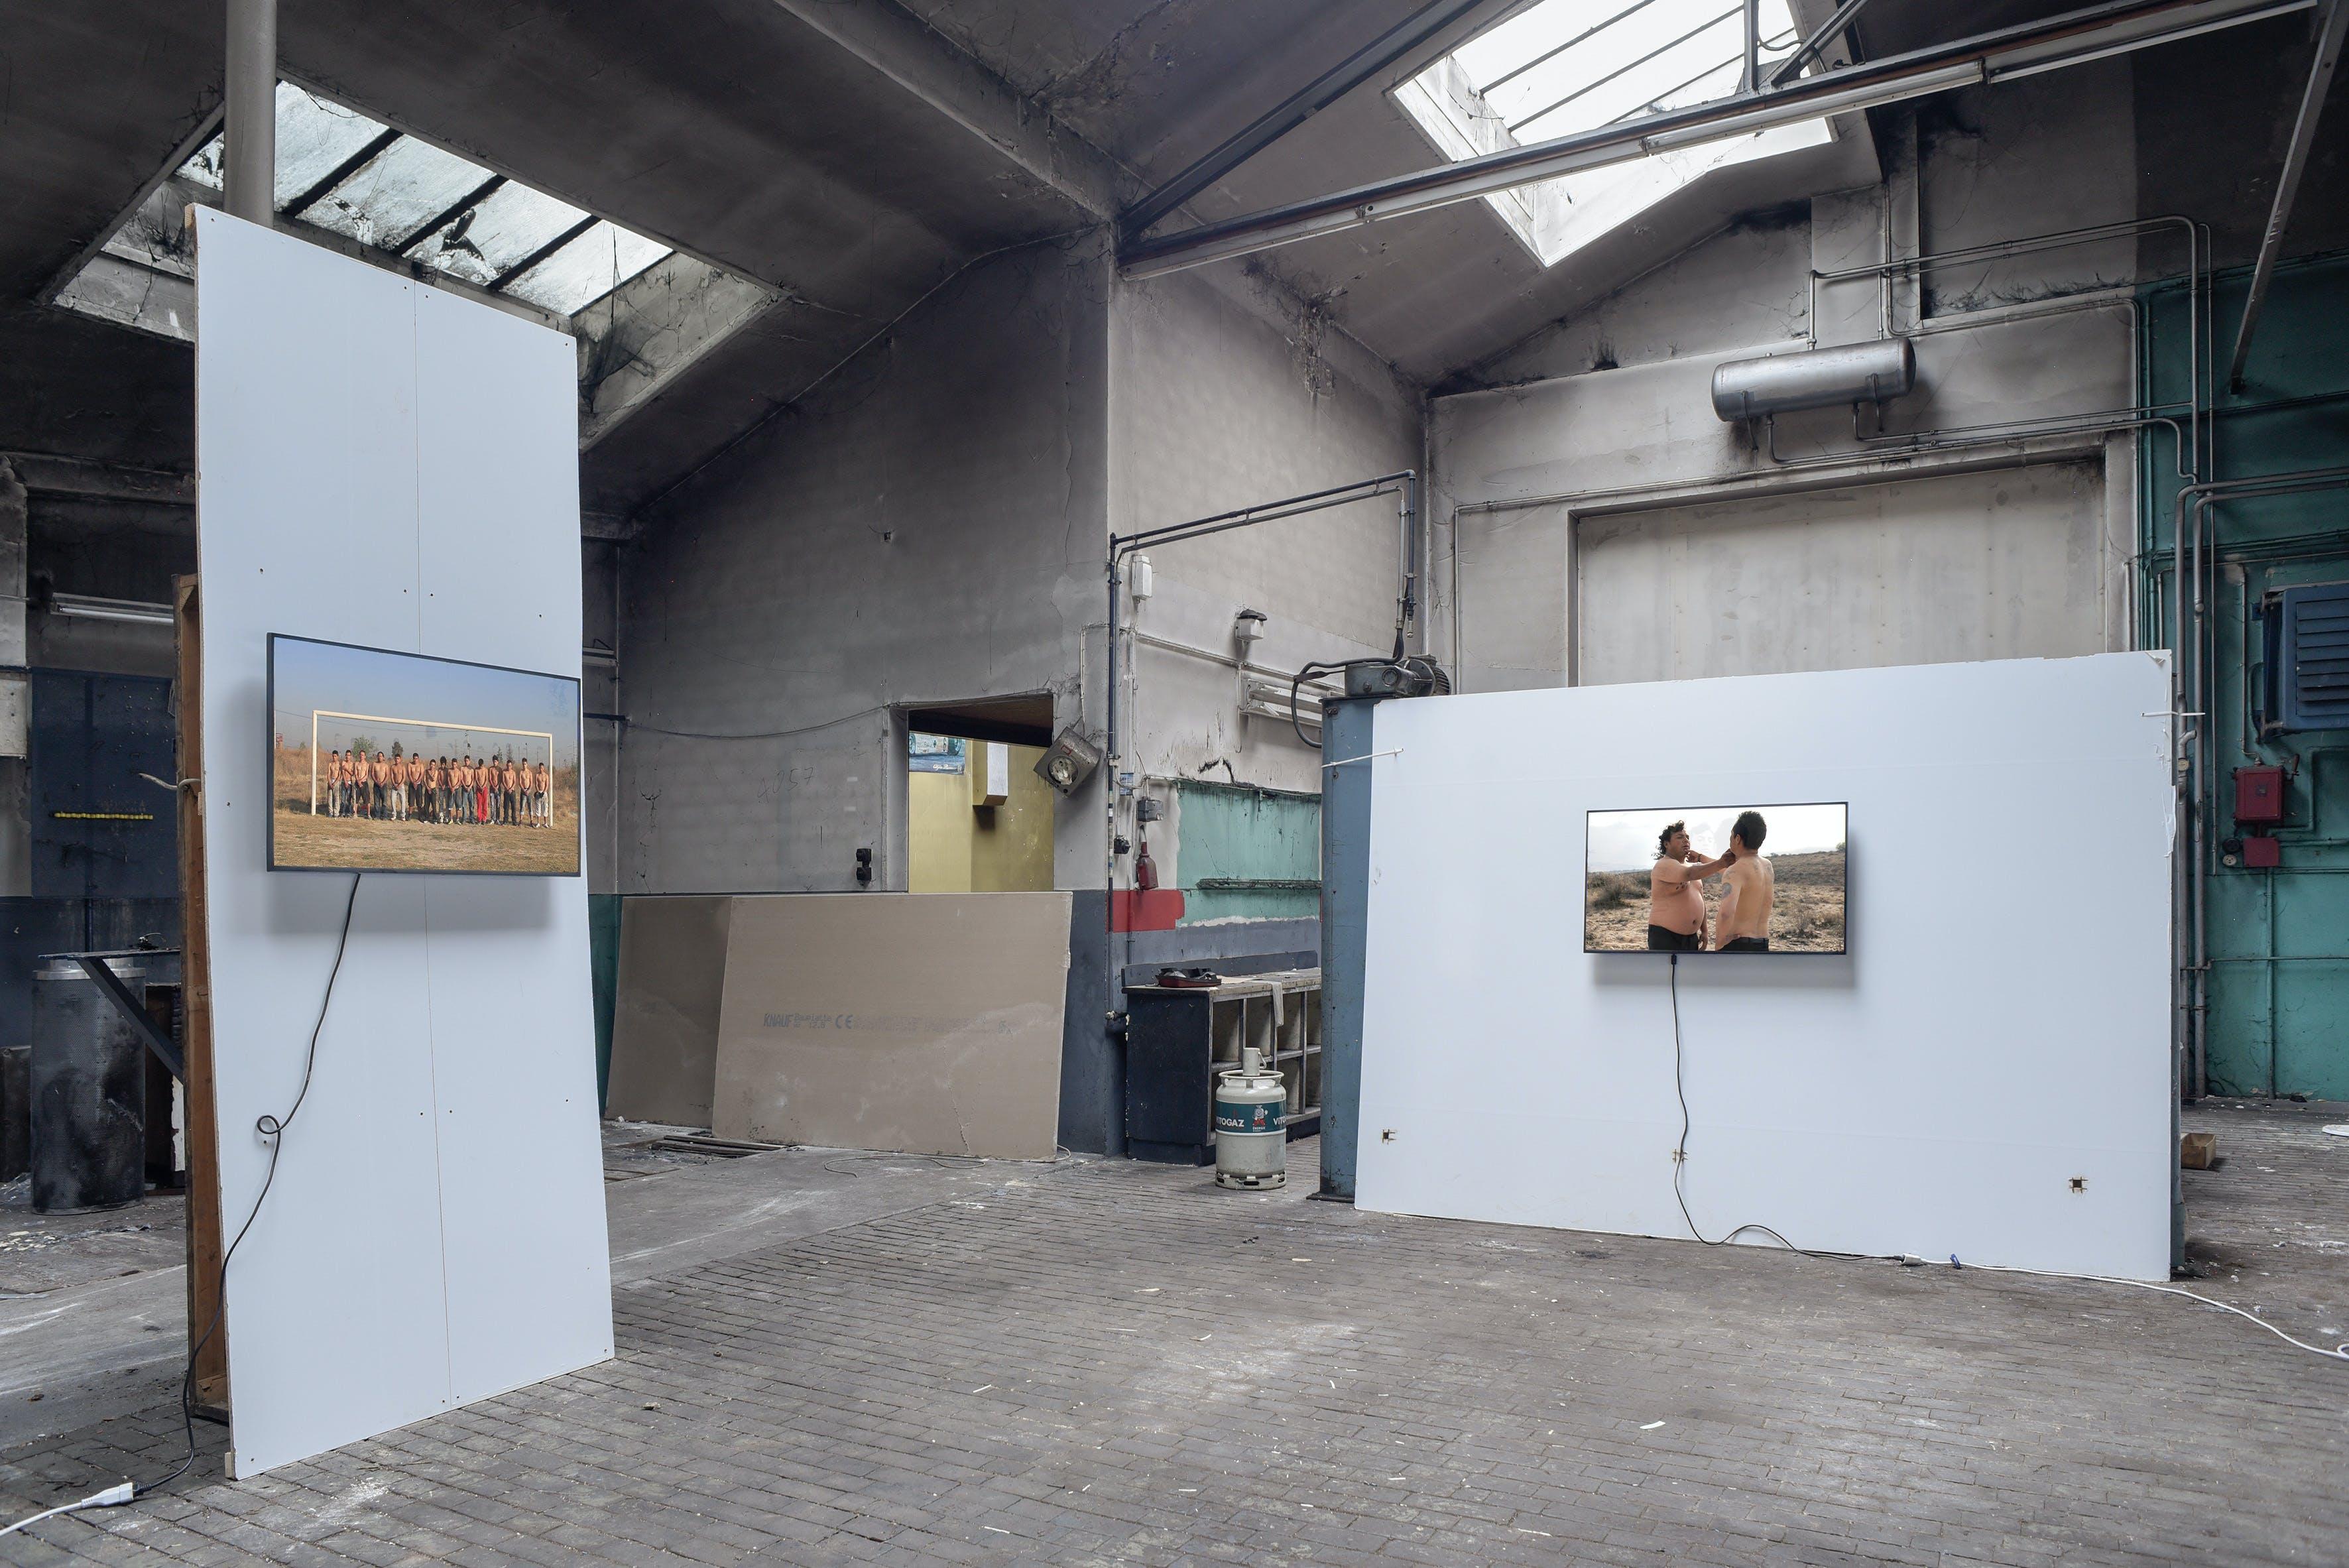 mauricio limon Jacob ott HOtel Simplon giulietta basel Kunstraum kunsthalle art Kunst arte aritist